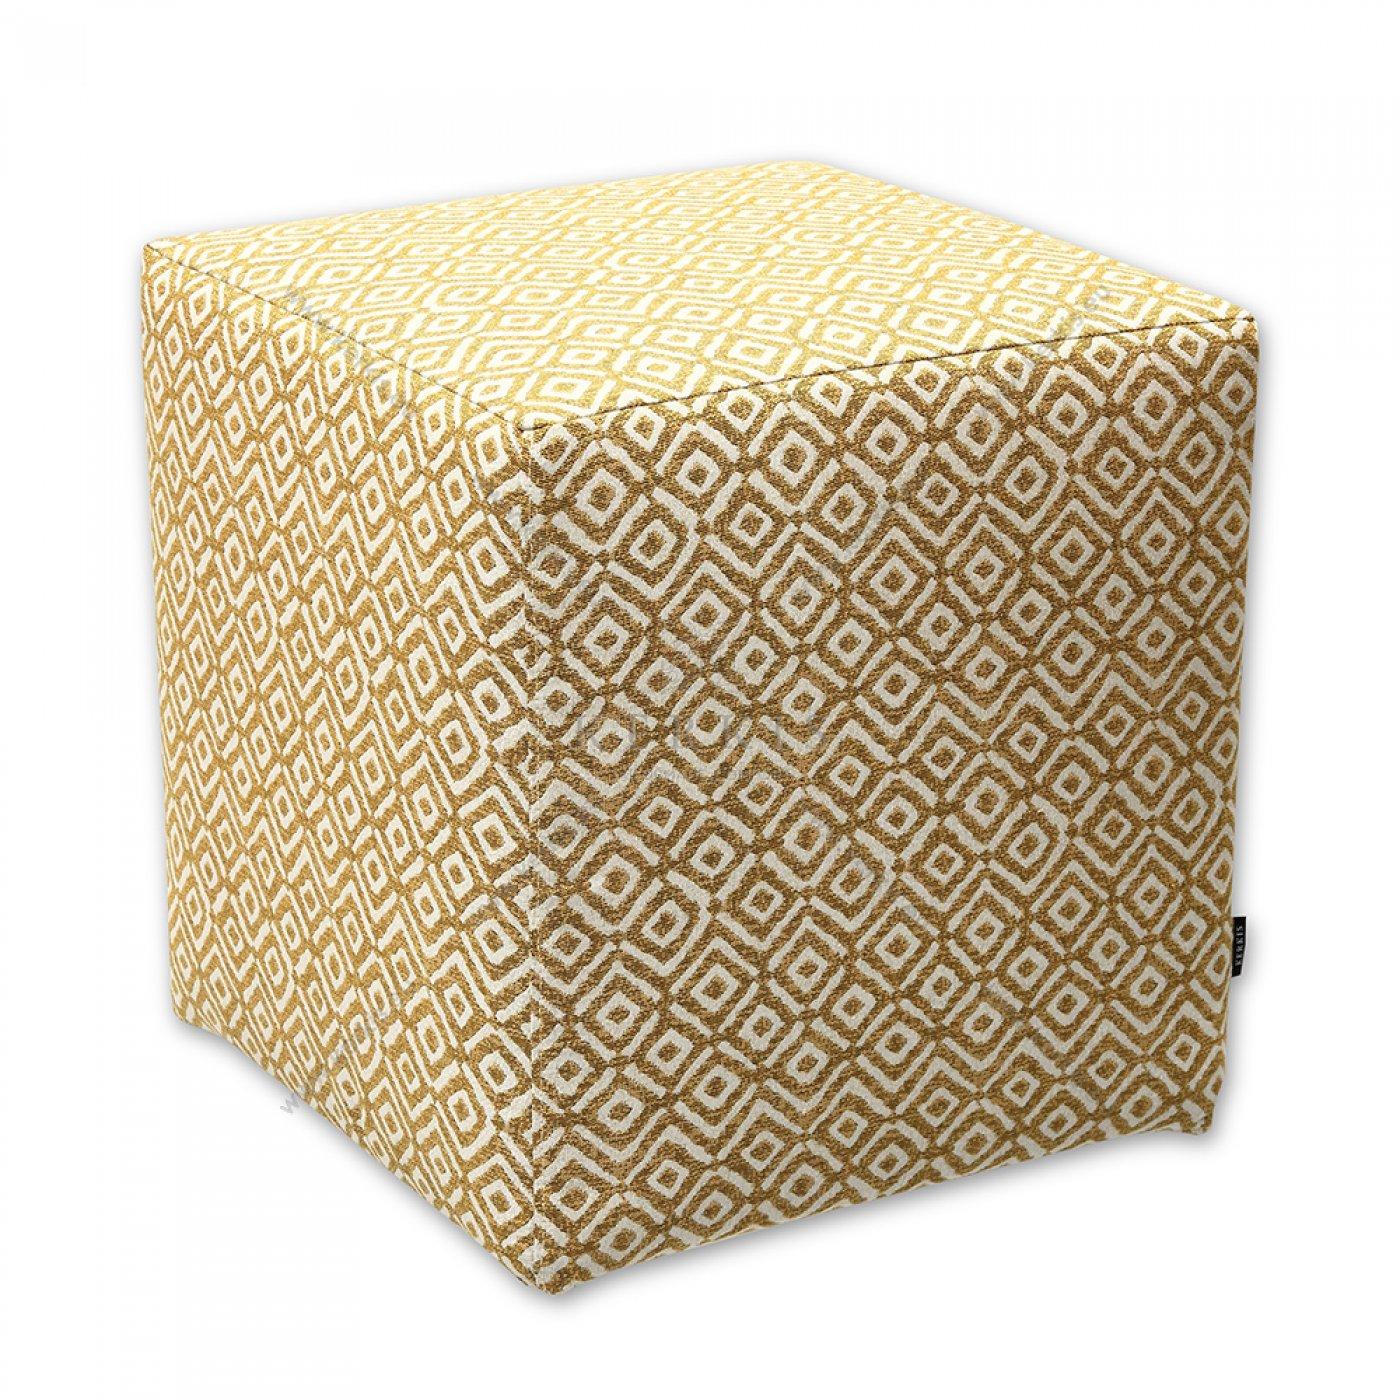 Σκαμπό κύβος κίτρινο ρόμβος από την Kerkis Tailormade Comfort. Ιδανικός για κάθε δωμάτιο ξενοδοχείου, κάθισμα για το μπουντουάρ, το γραφείο, την υποδοχή!